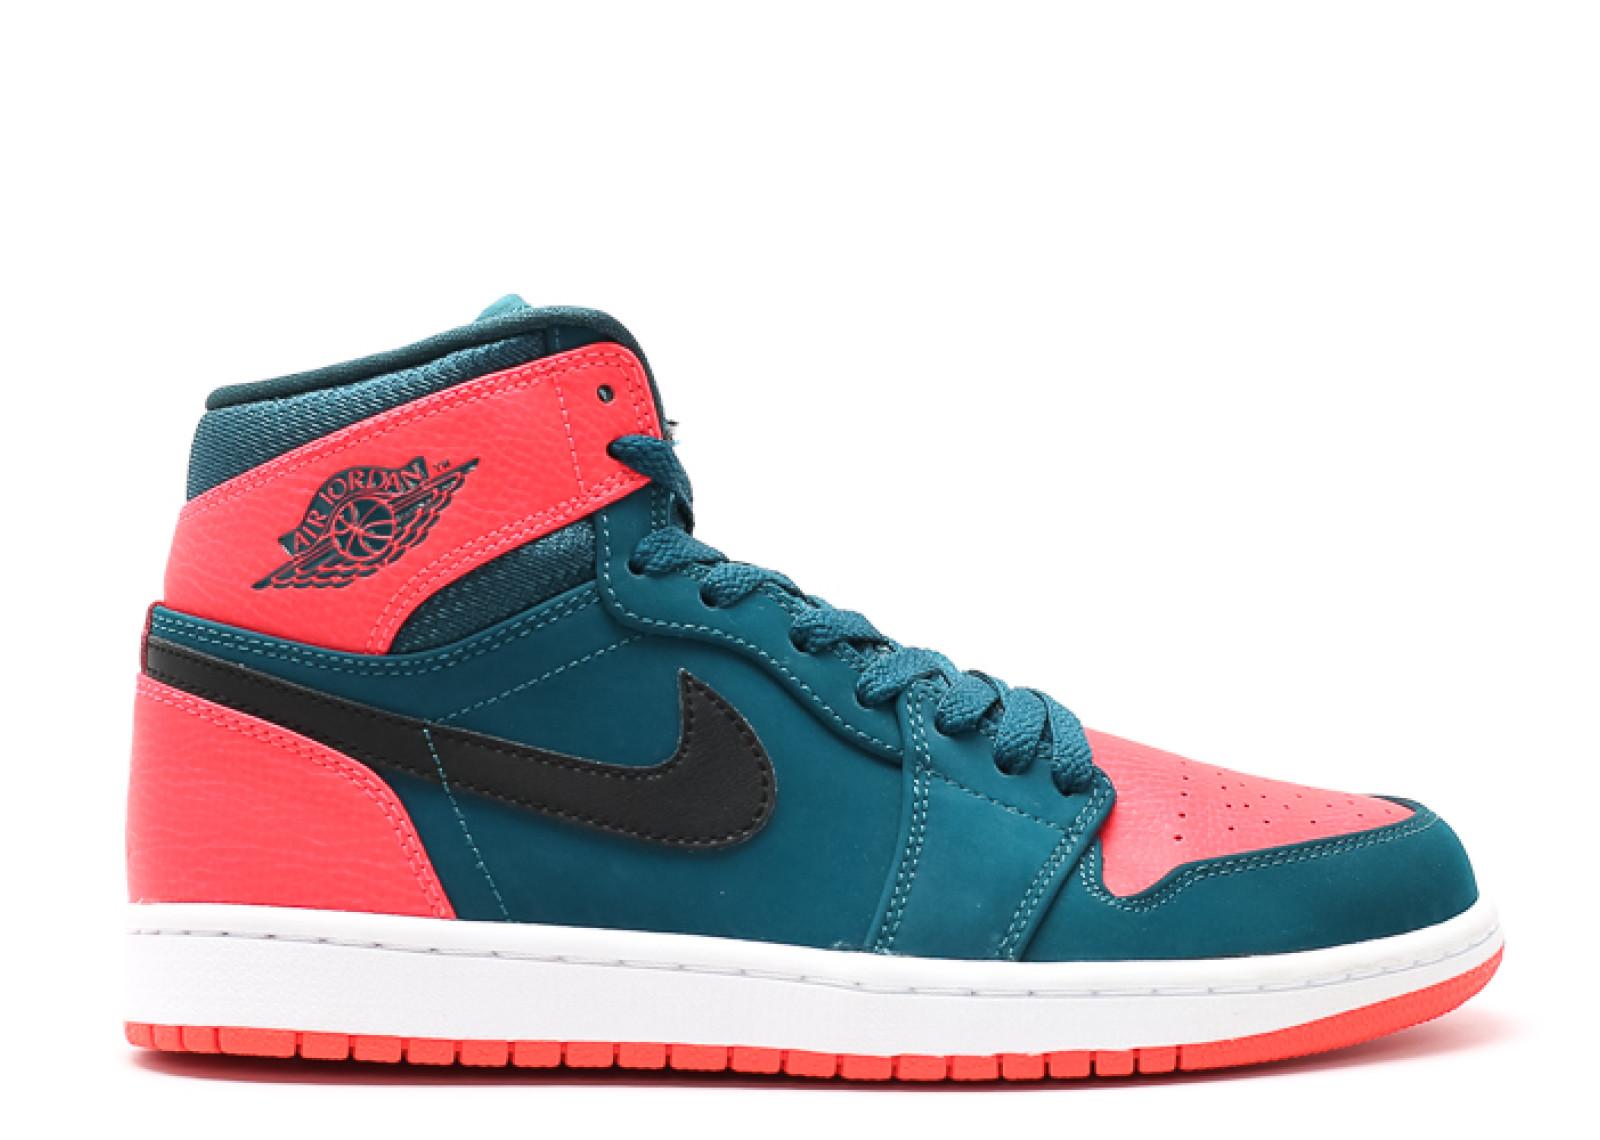 premium selection f6521 6cd28 Air Jordan - Men - Air Jordan 1 Retro High 'Russell Westbrook' - 332550-312  - Size 10